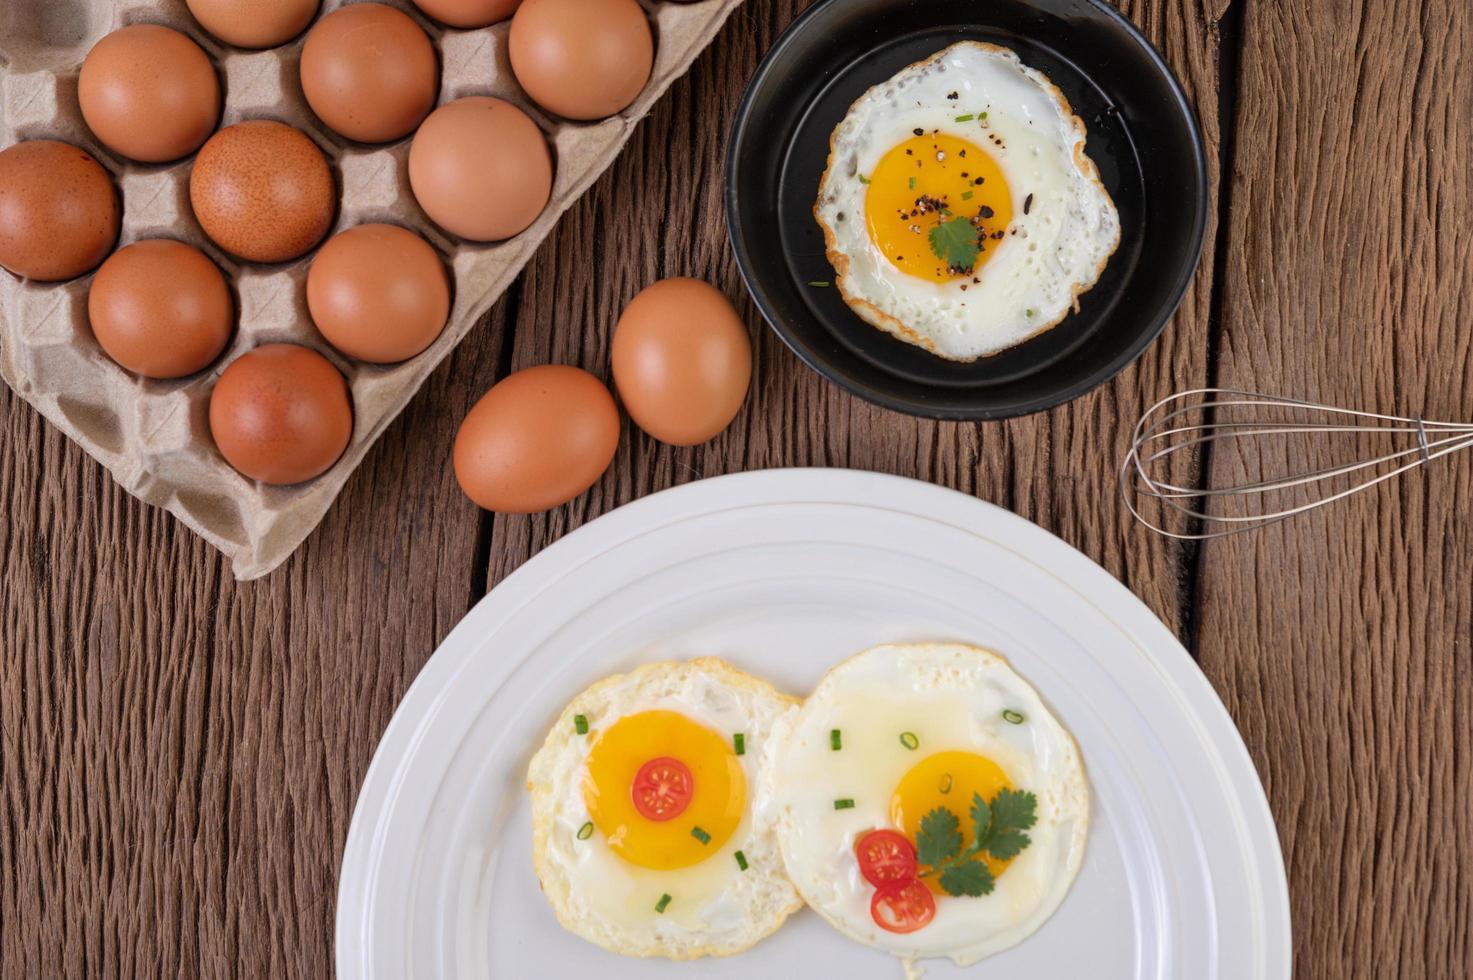 colazione con uova fritte foto